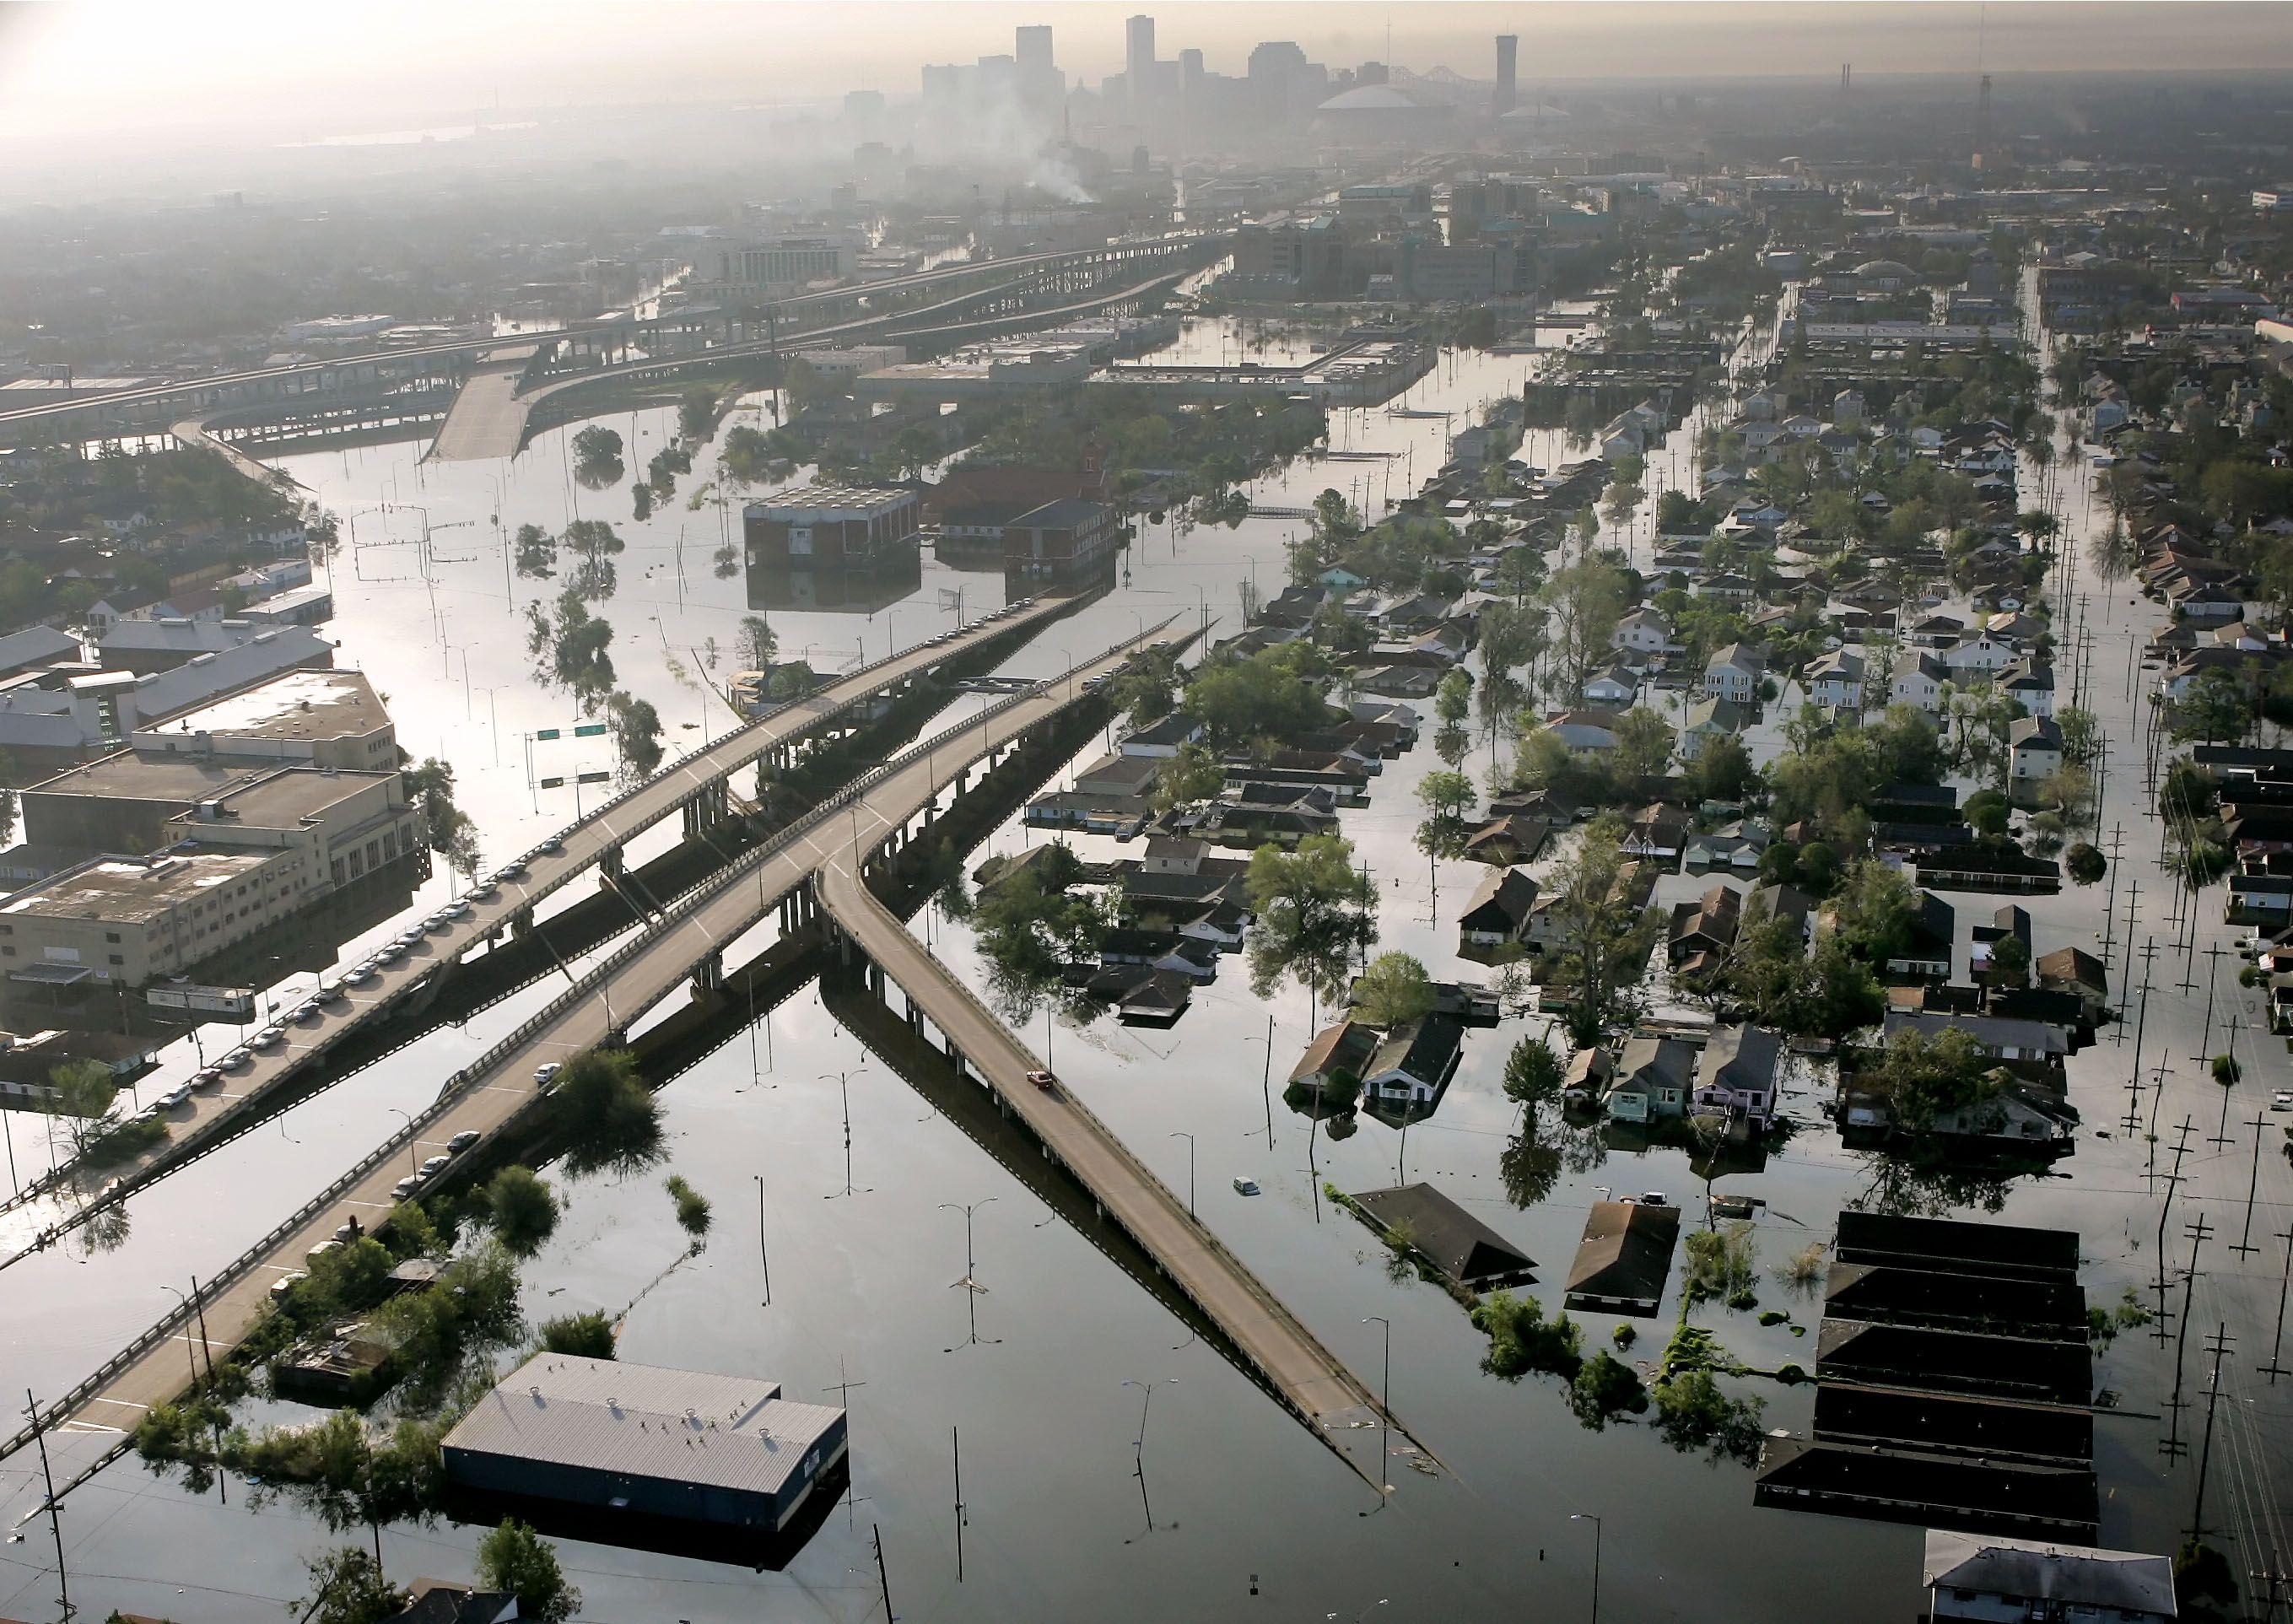 Hurricane Katrina Ap Photo David J Phillip File Hurricane Katrina Katrina Photo